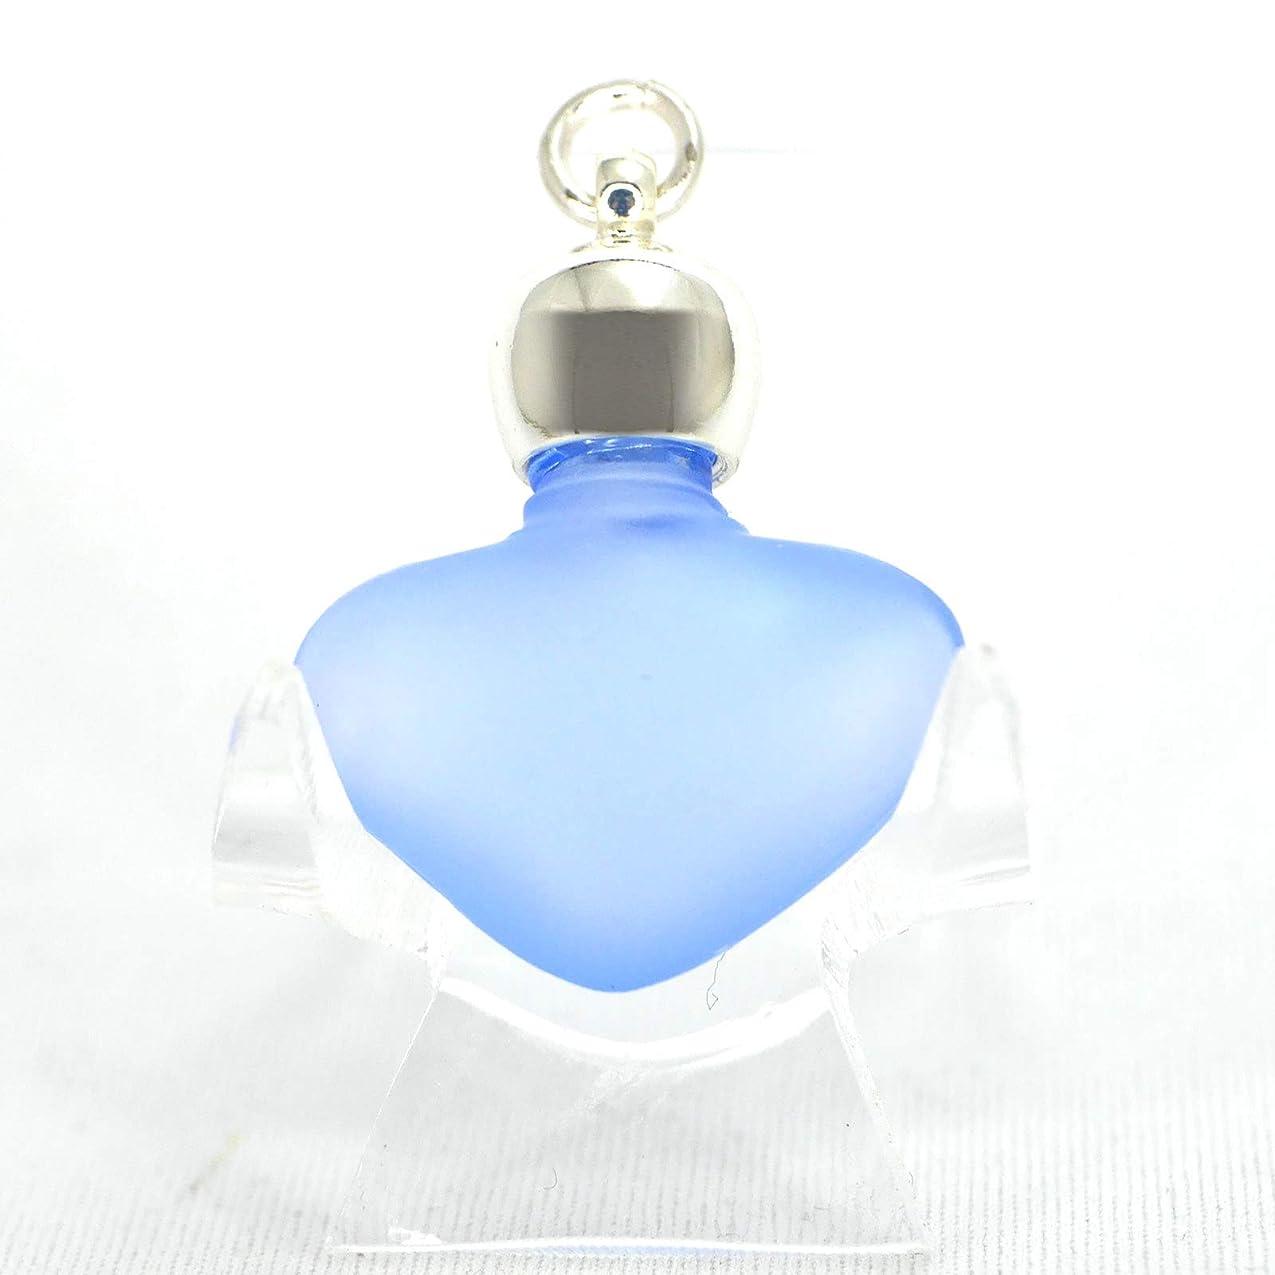 ミニ香水瓶 アロマペンダントトップ ハートブルーフロスト(青すりガラス)0.8ml?シルバー?穴あきキャップ、パッキン付属【アロマオイル?メモリーオイル入れにオススメ】